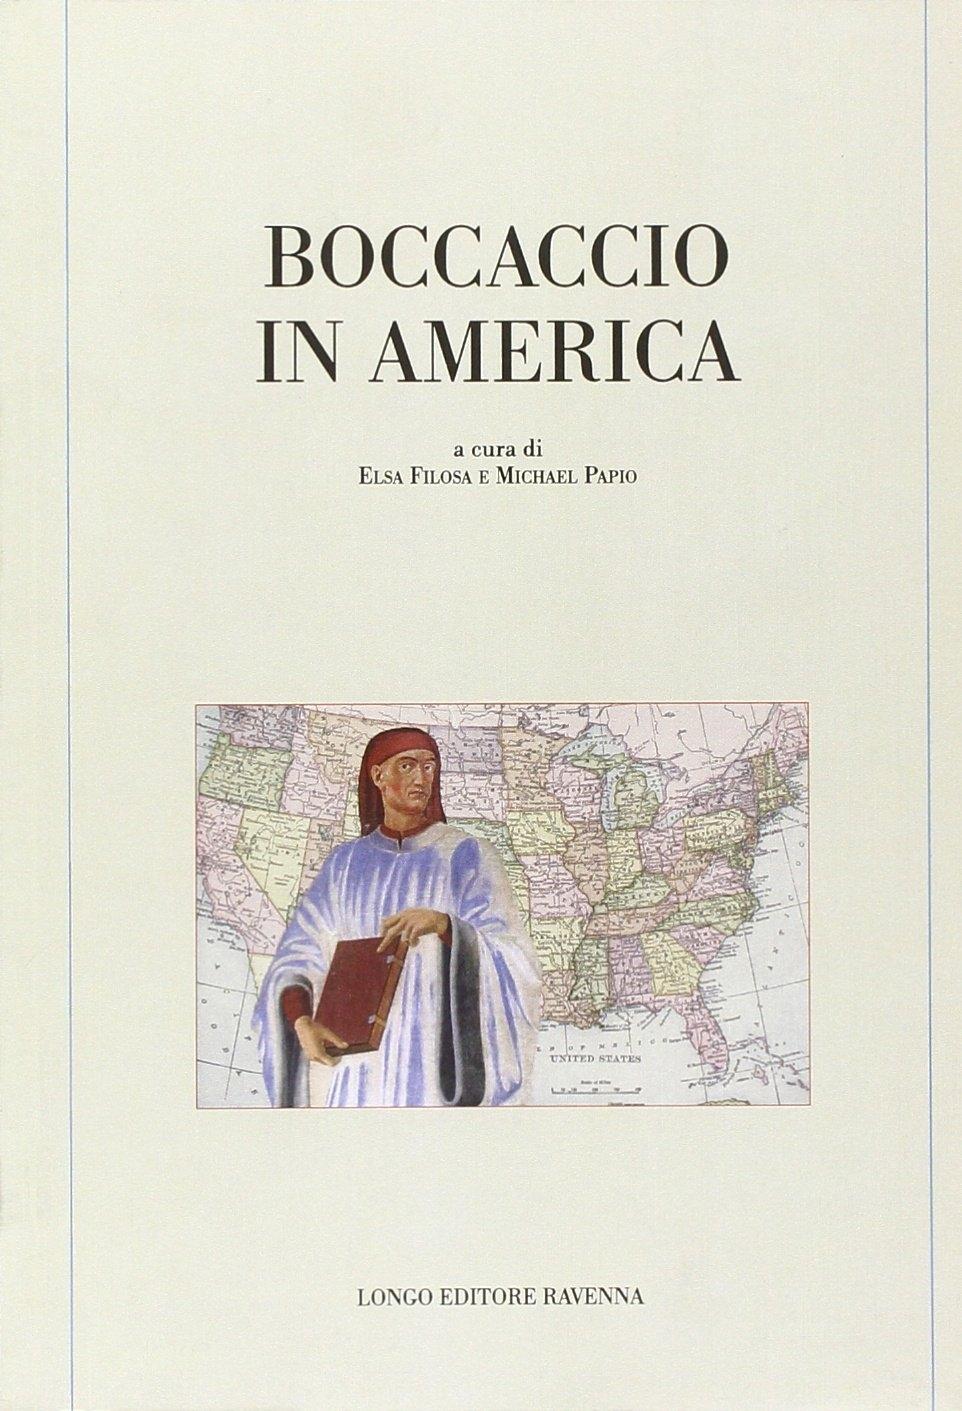 Boccaccio in America